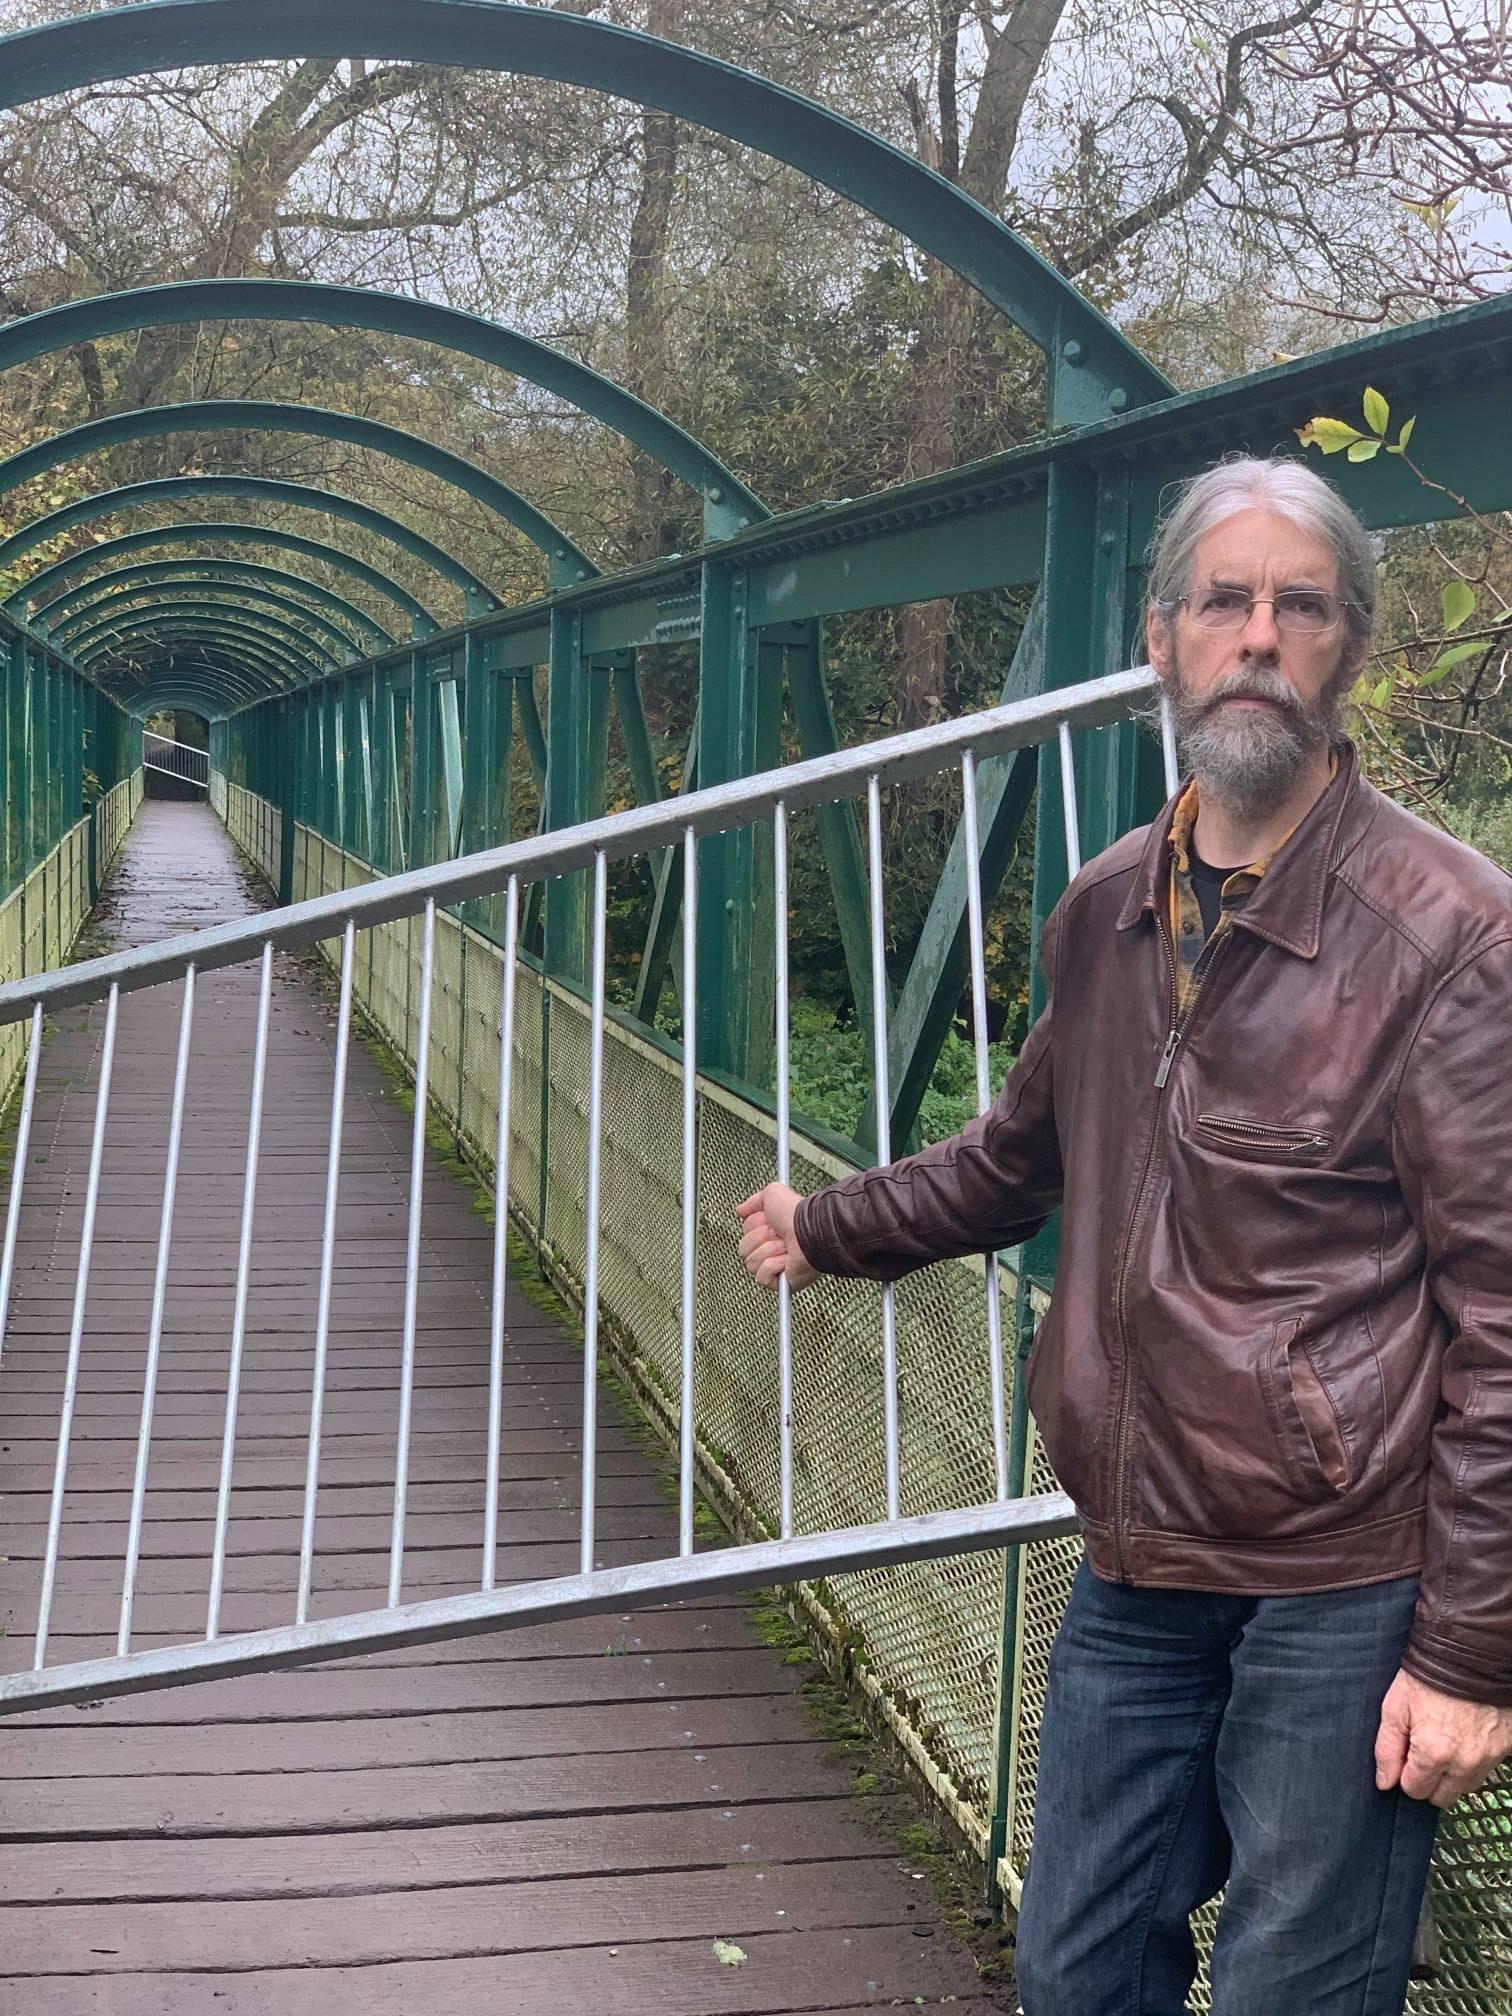 Cllr Alun Griffiths at Closed Buck Bridge